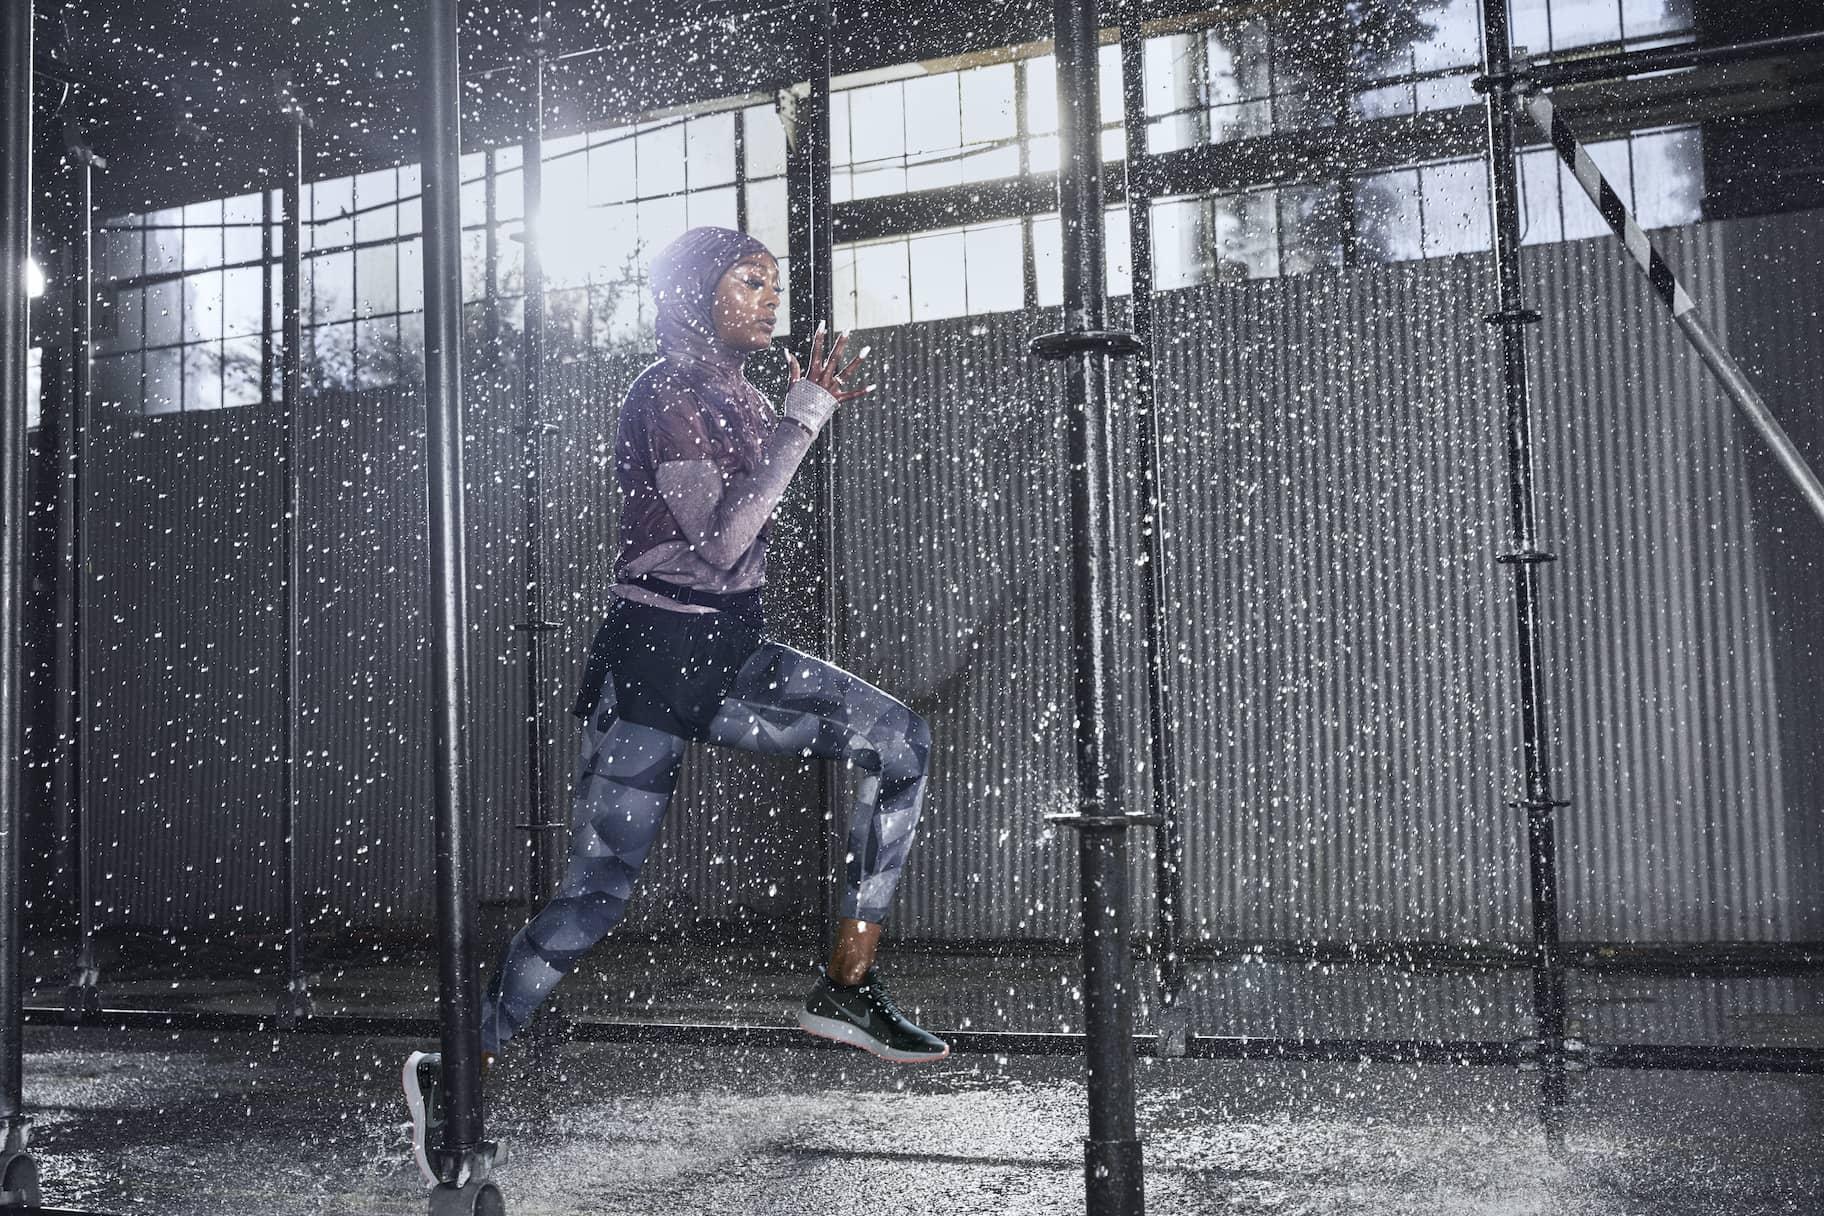 Équipement de running imperméable pour vos runs sous la pluie